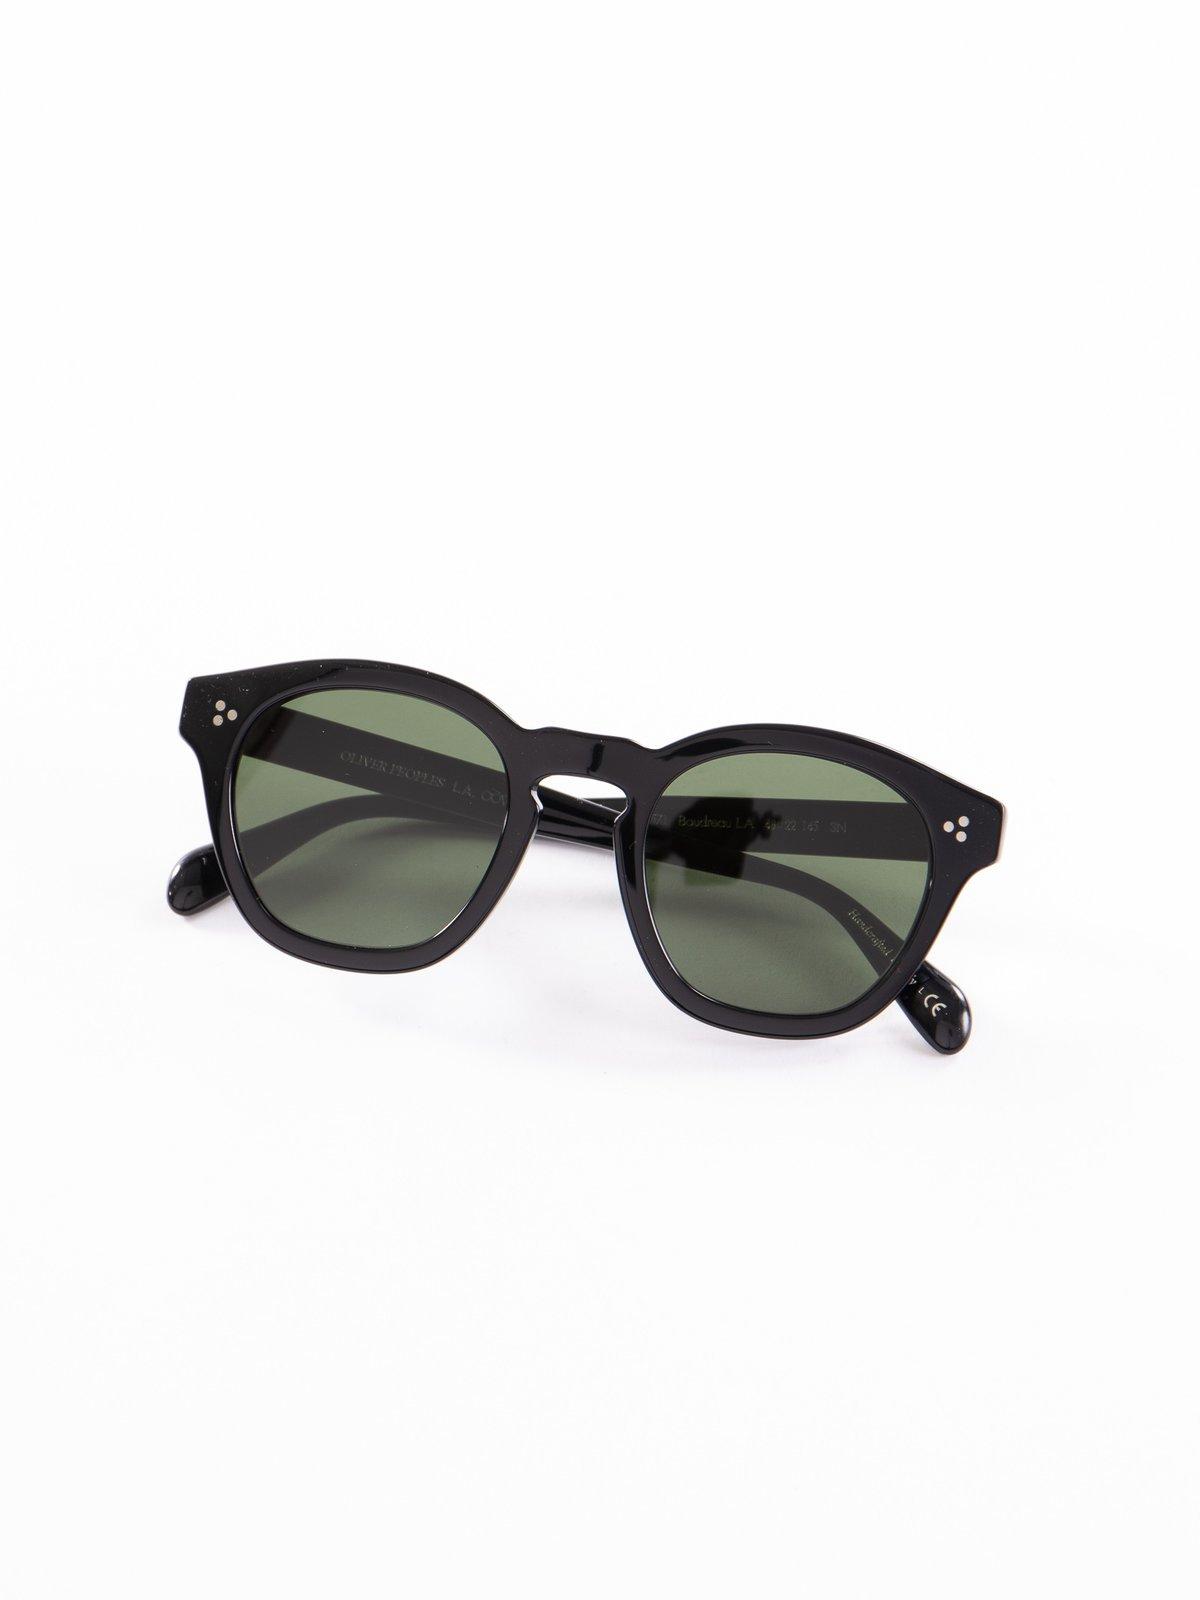 Black/Dark Green Boudreau LA Sunglasses - Image 1